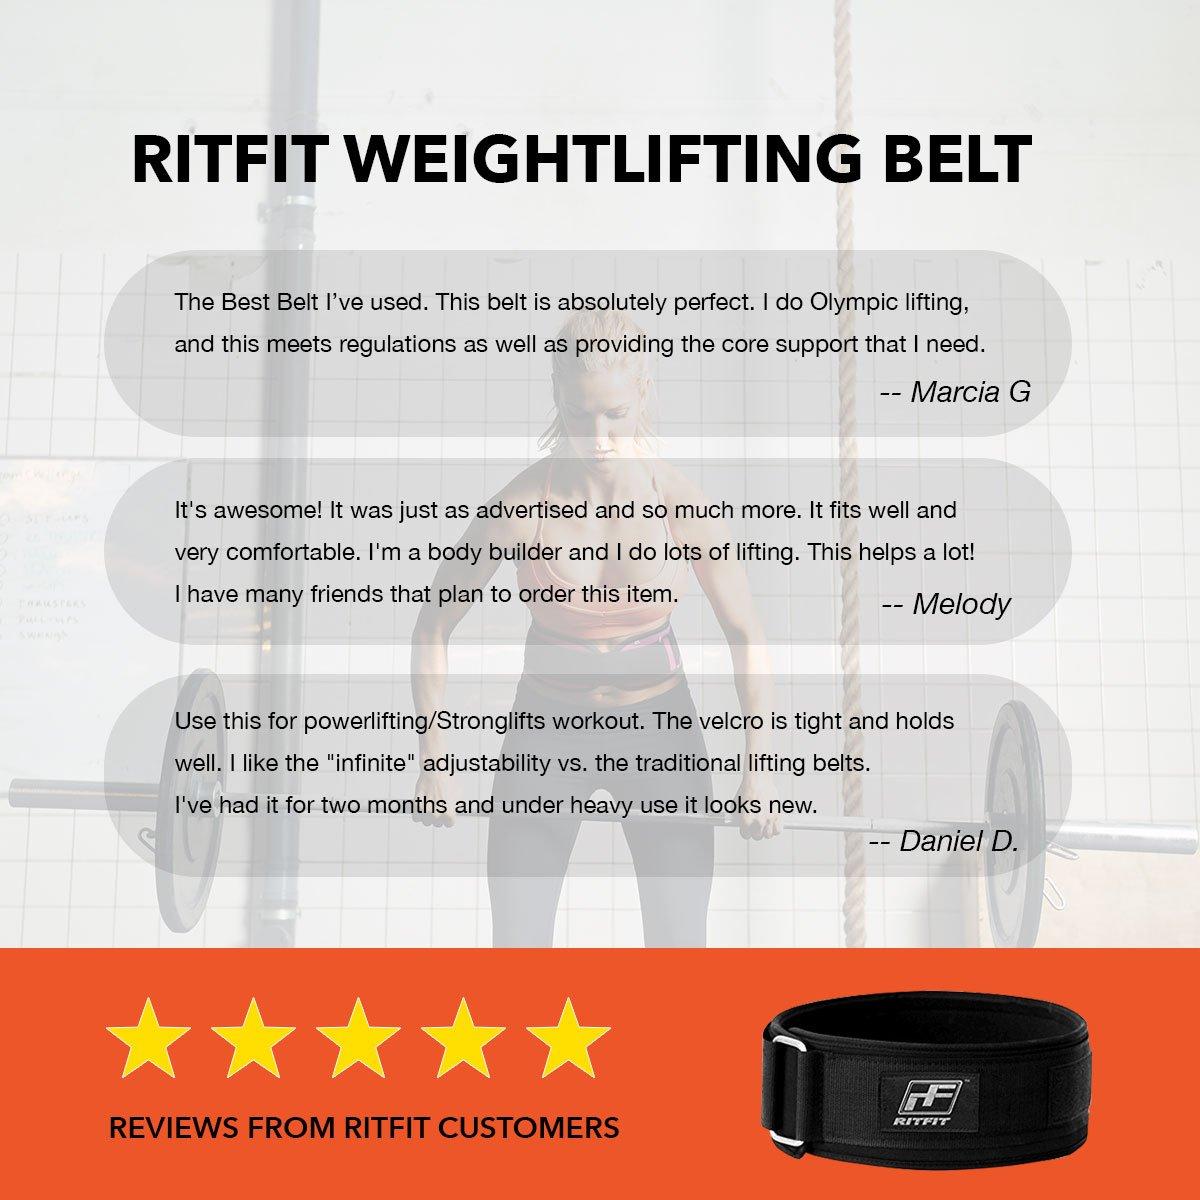 10,2cm colore nero cintura salda e comoda per supporto lombare posteriore,ca Ritfit